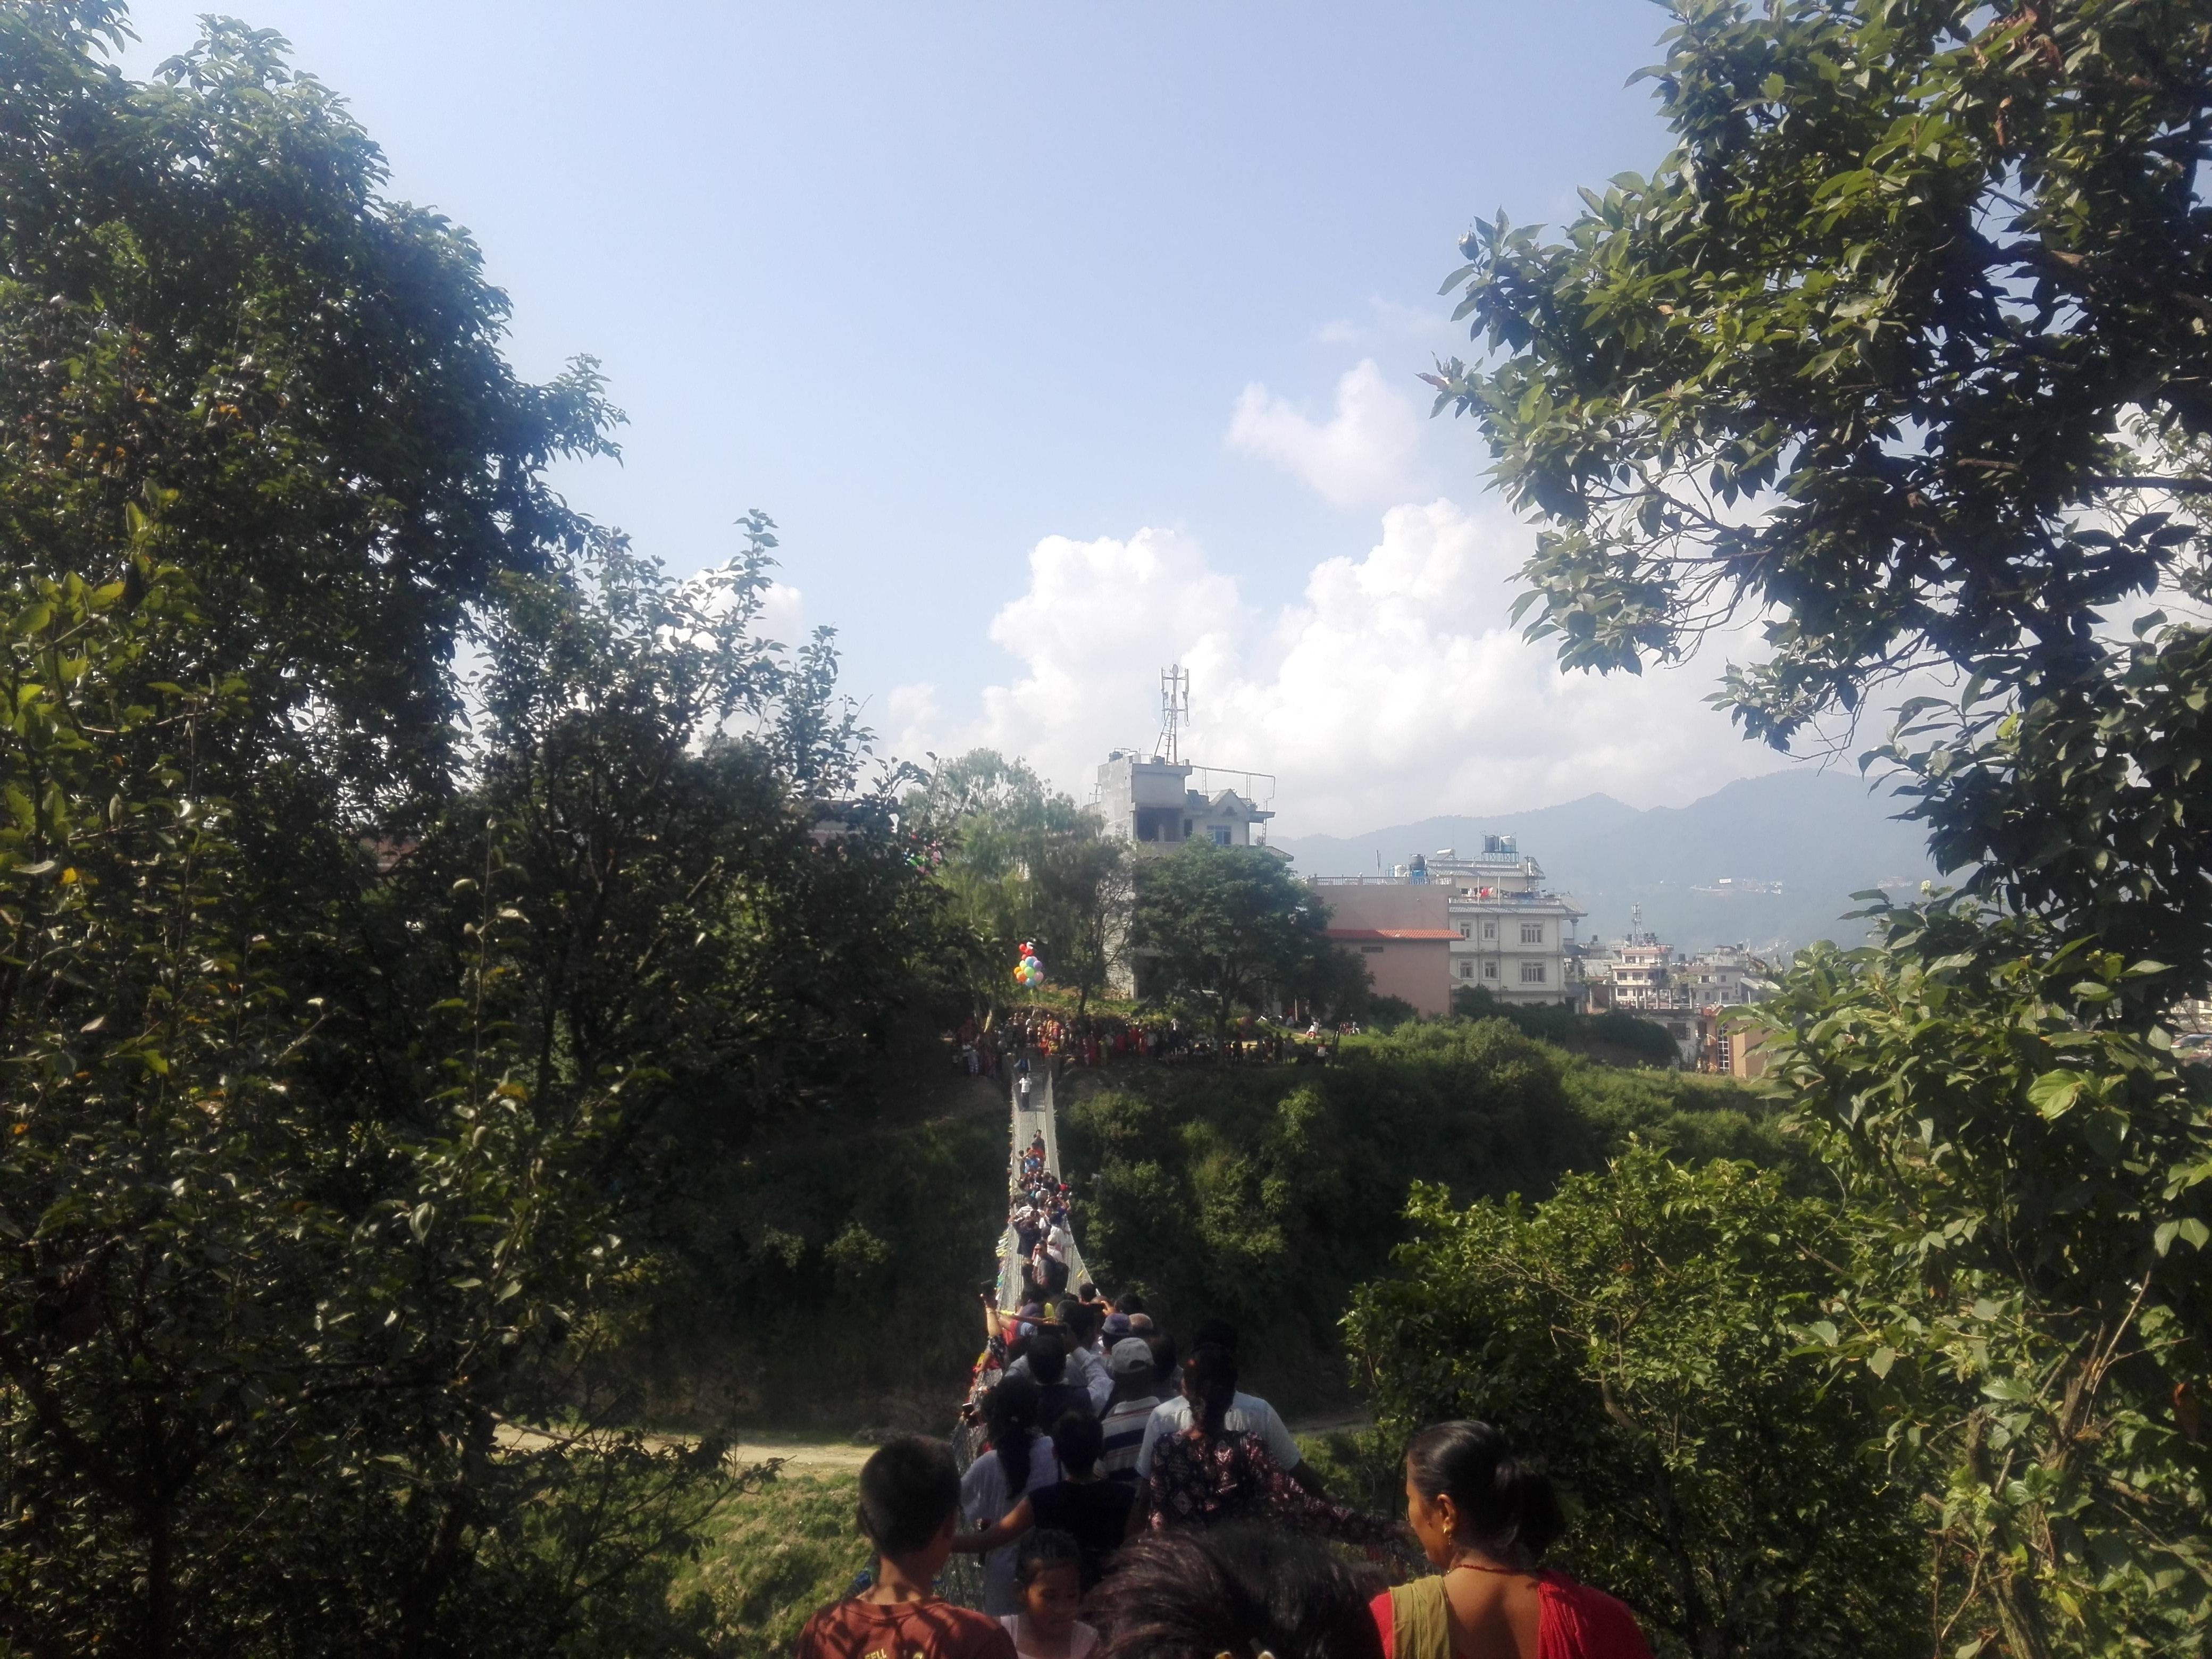 Chandragirinews naikapbridge तयार रहनुस् चन्द्रागिरि नगरमै 'बञ्जी जम्प' गर्न प्रविधि वडा    chandragiri